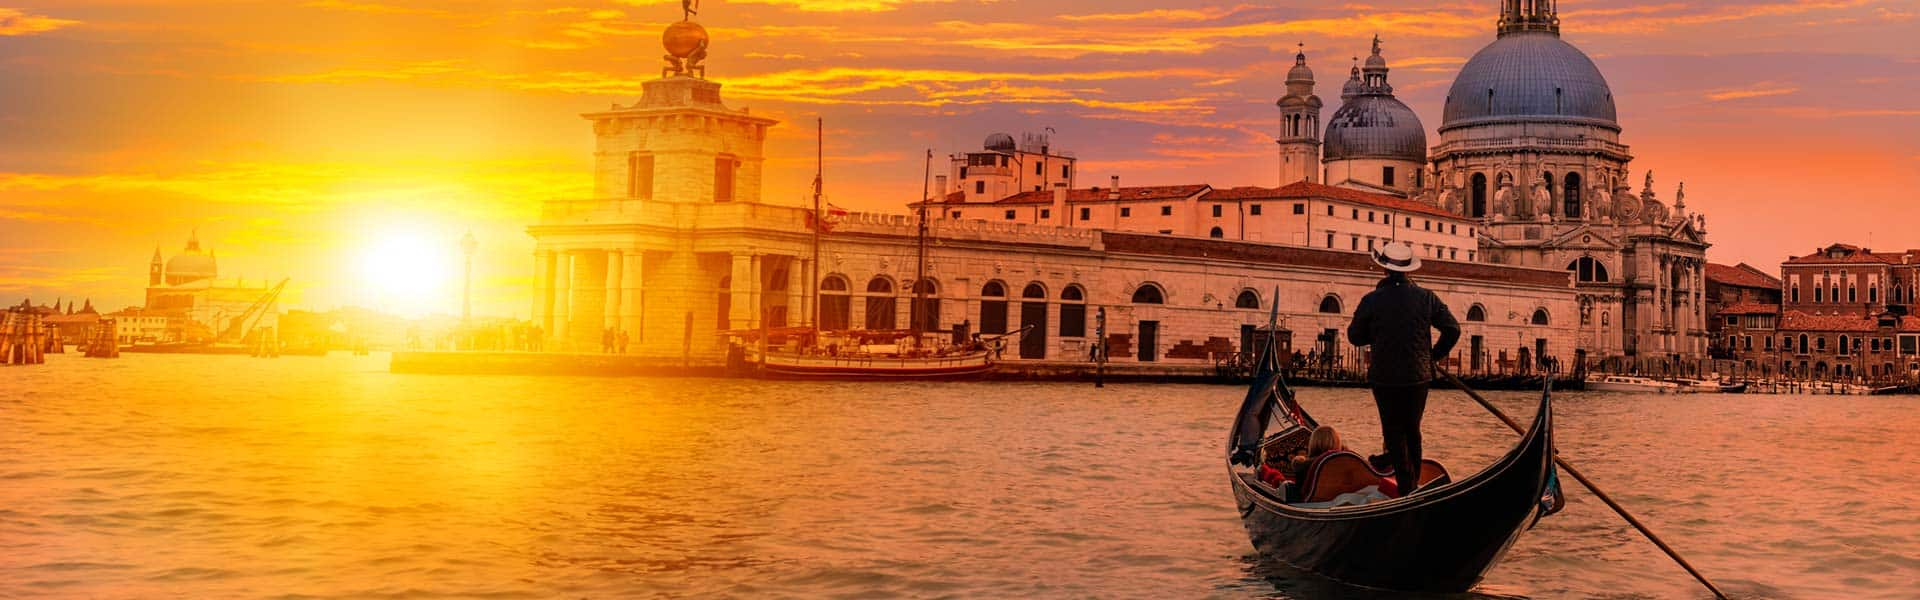 Einfach mal die Seele baumeln lassen – und andere arbeiten. Auf einer Gondelfahrt Venedig